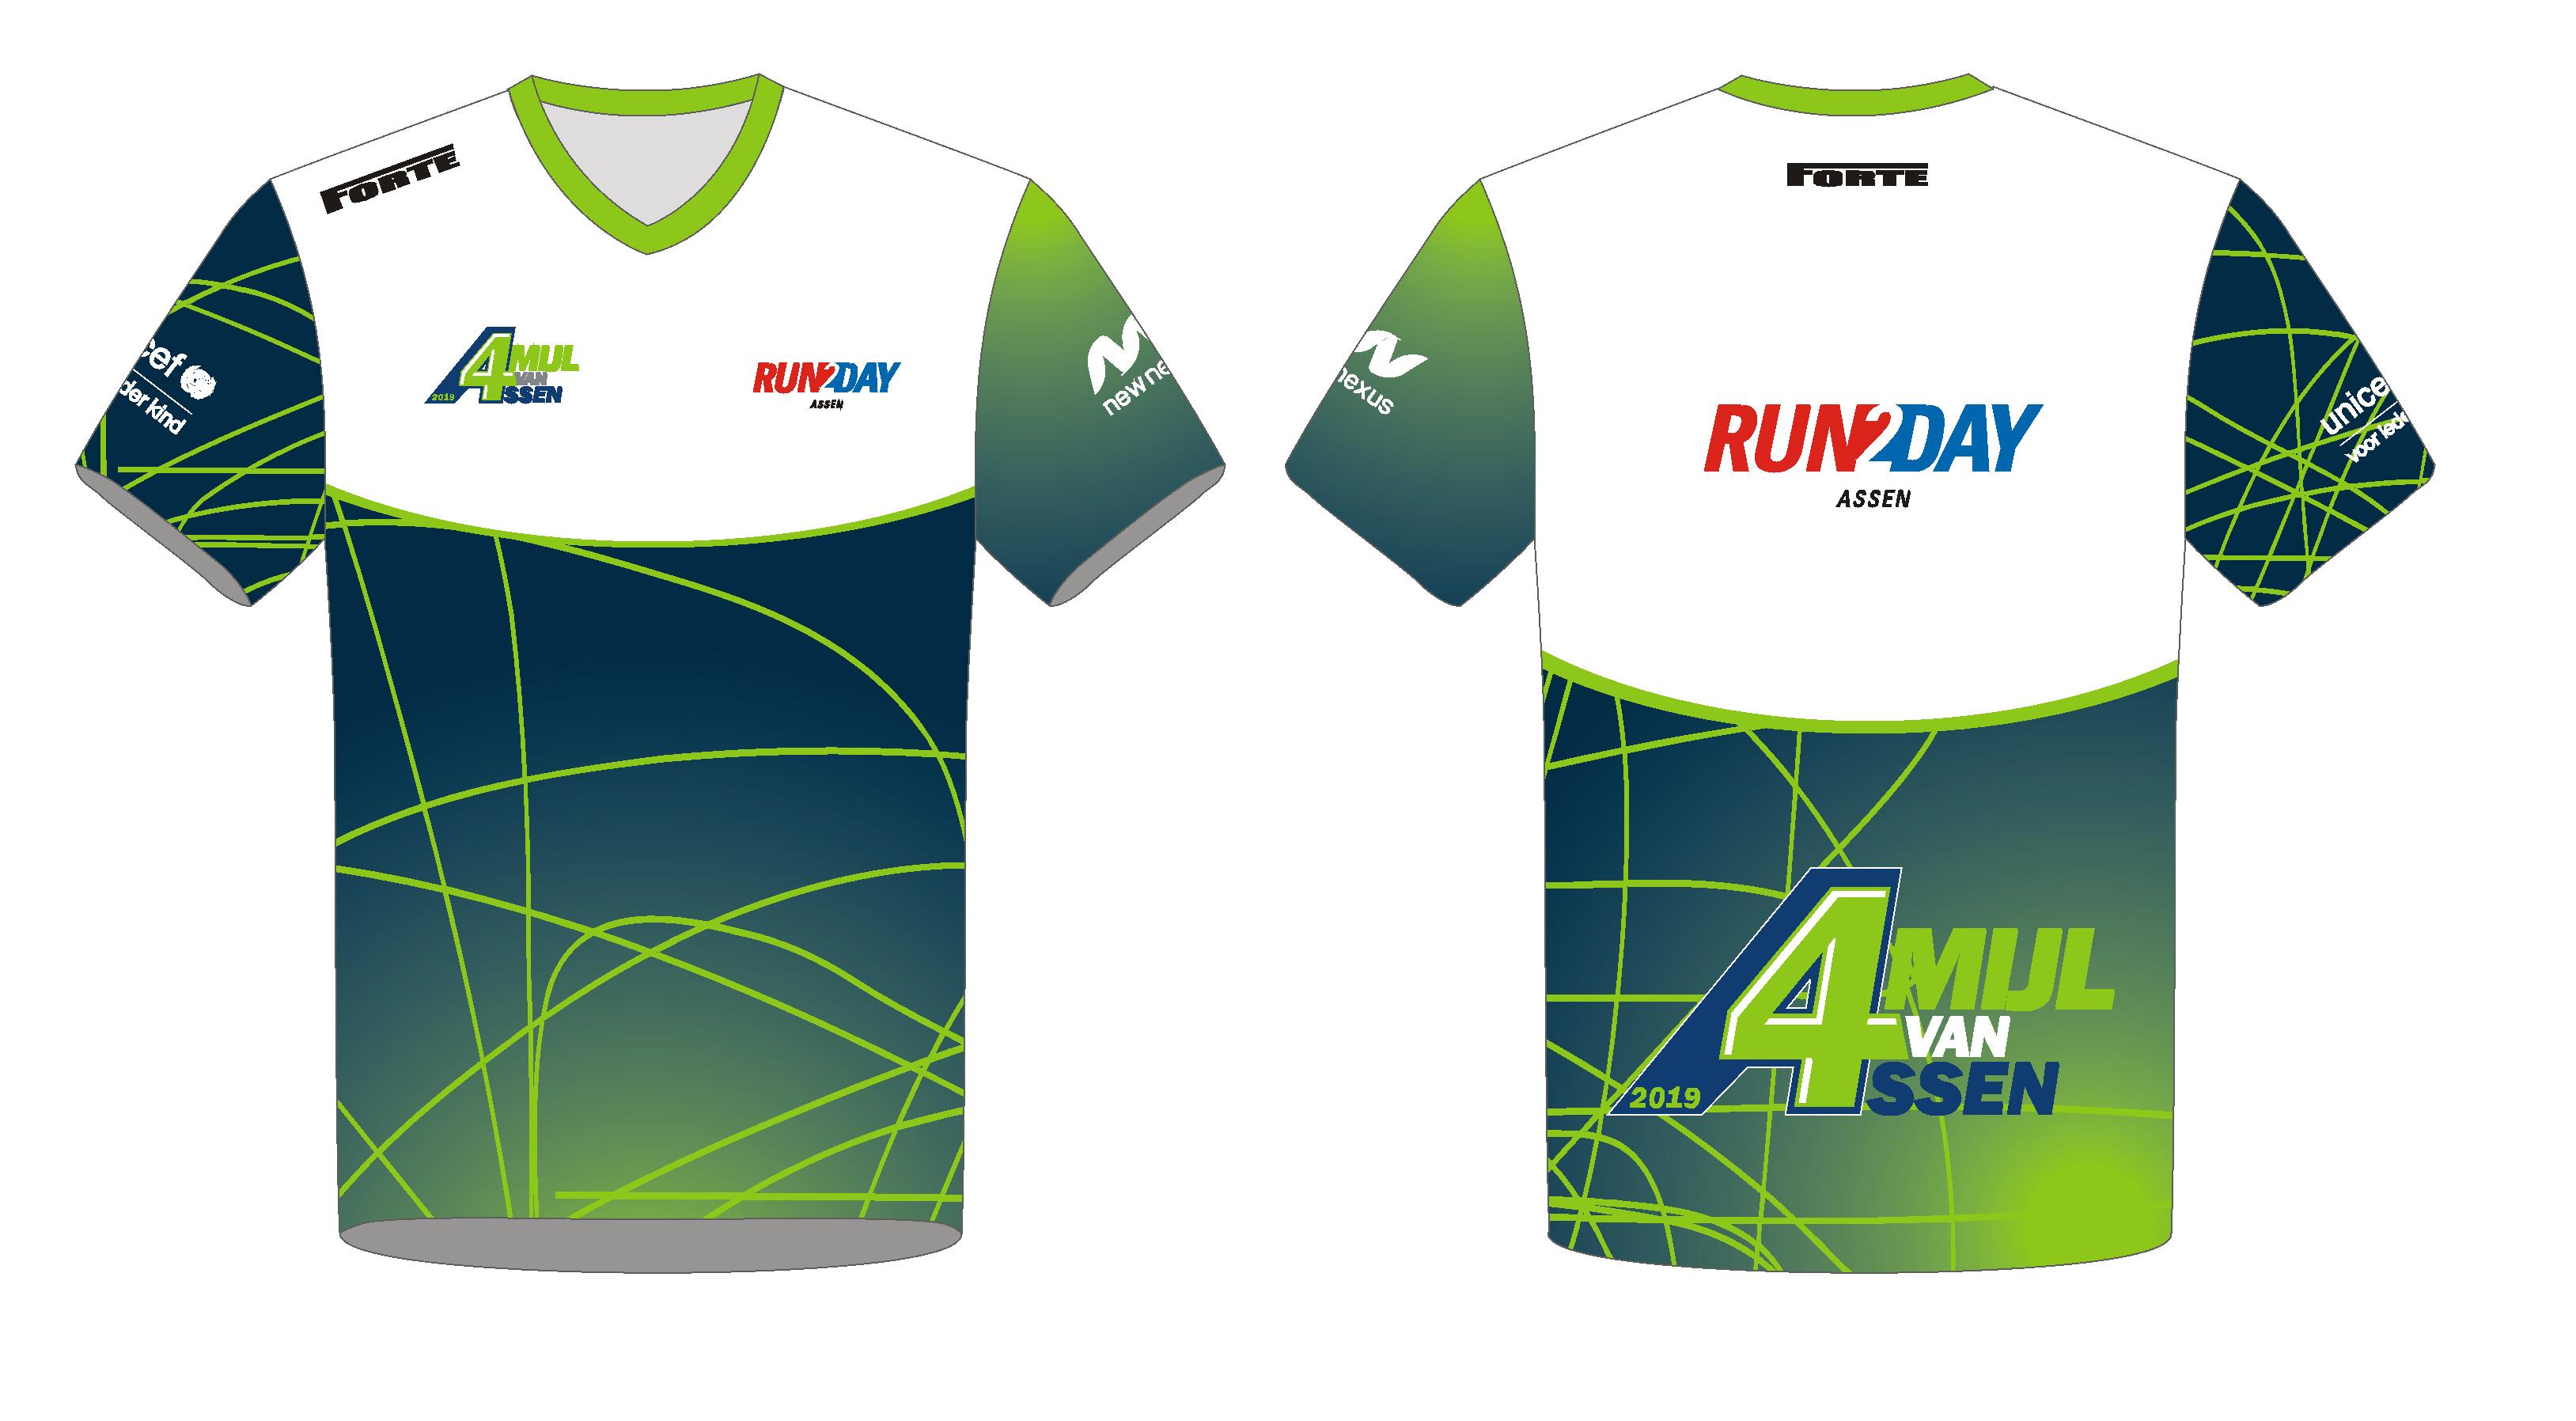 Team Shirt bedrijven - 4Mijl-Assen